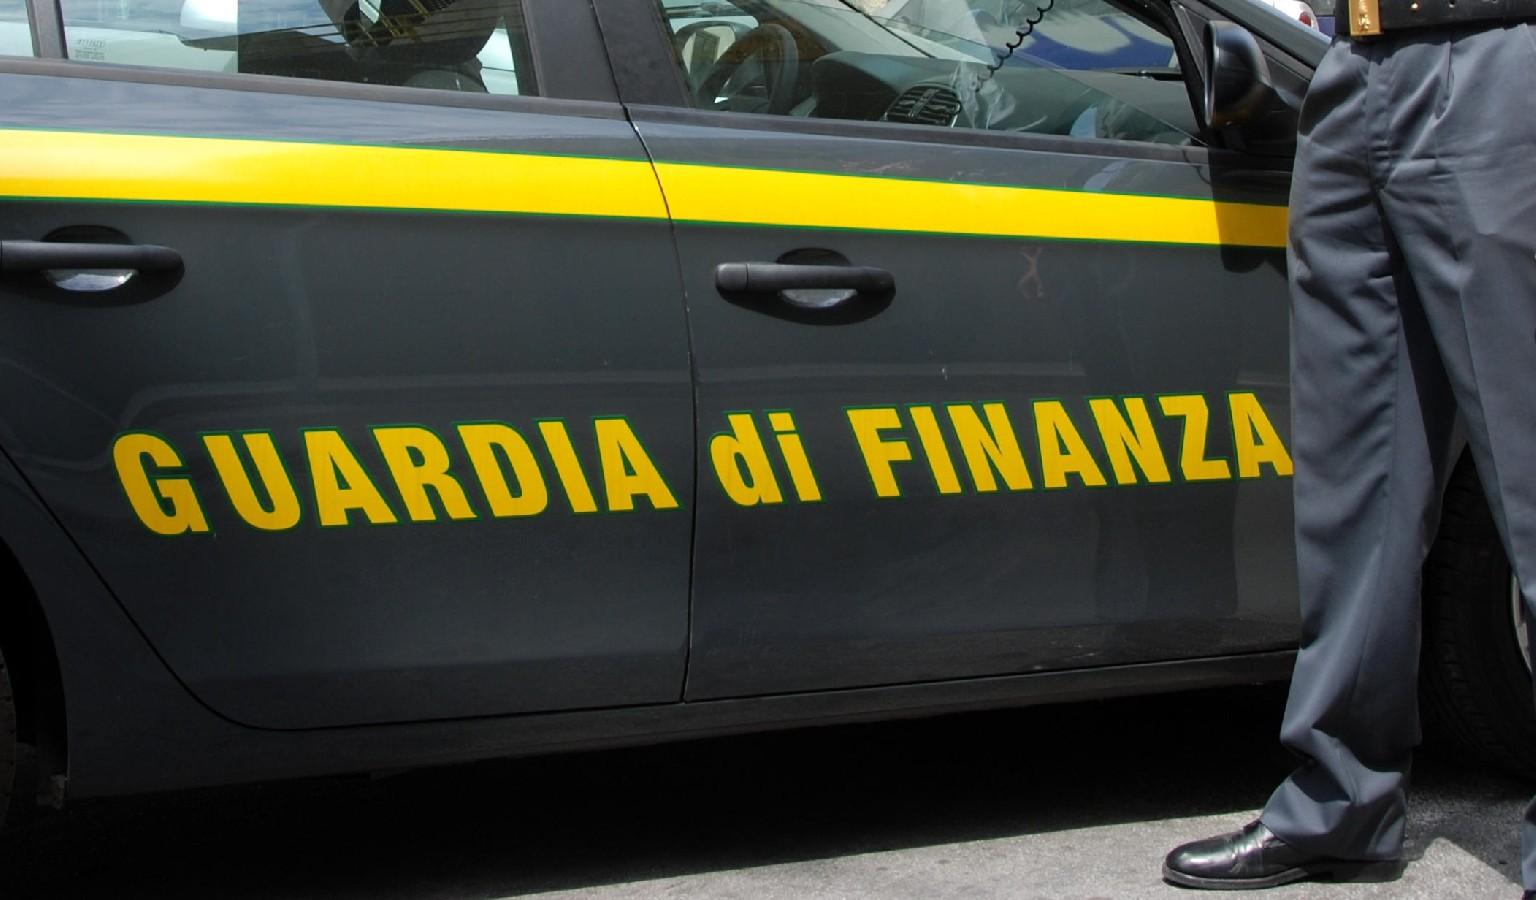 Truffe assicurative, uccidono feto per risarcimento: arresti in Calabria